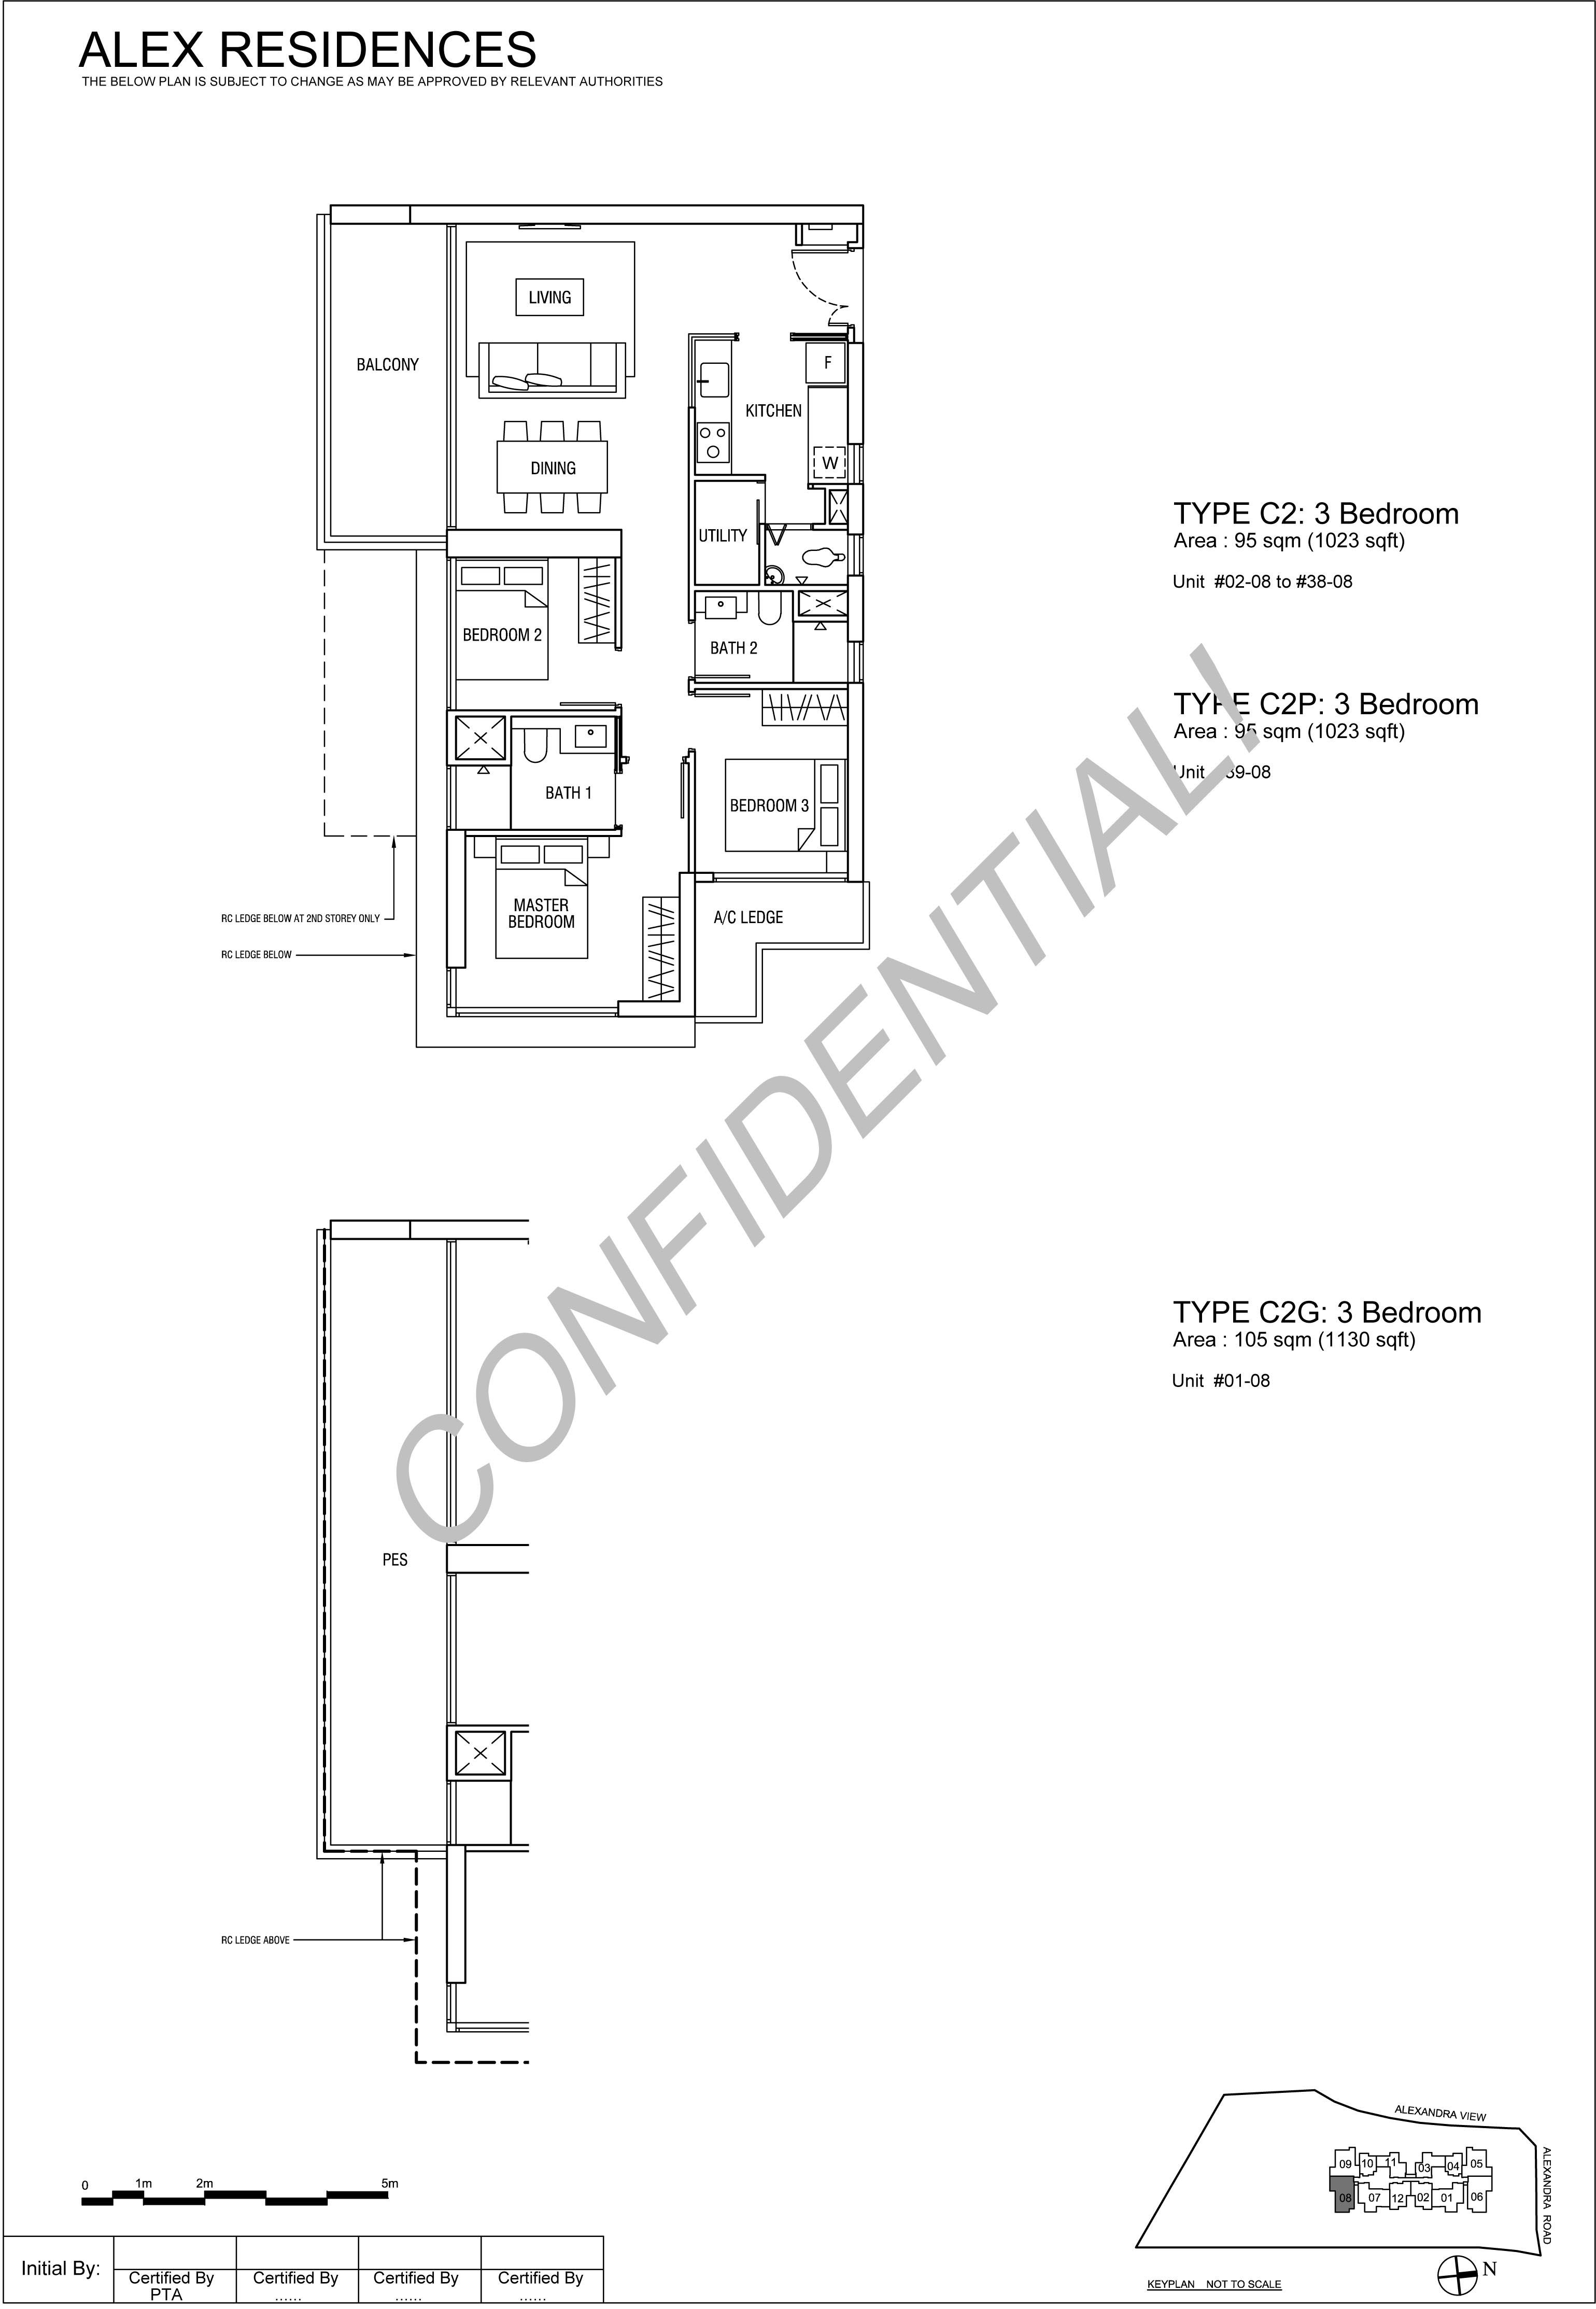 TYPE-C2-3-Bedroom